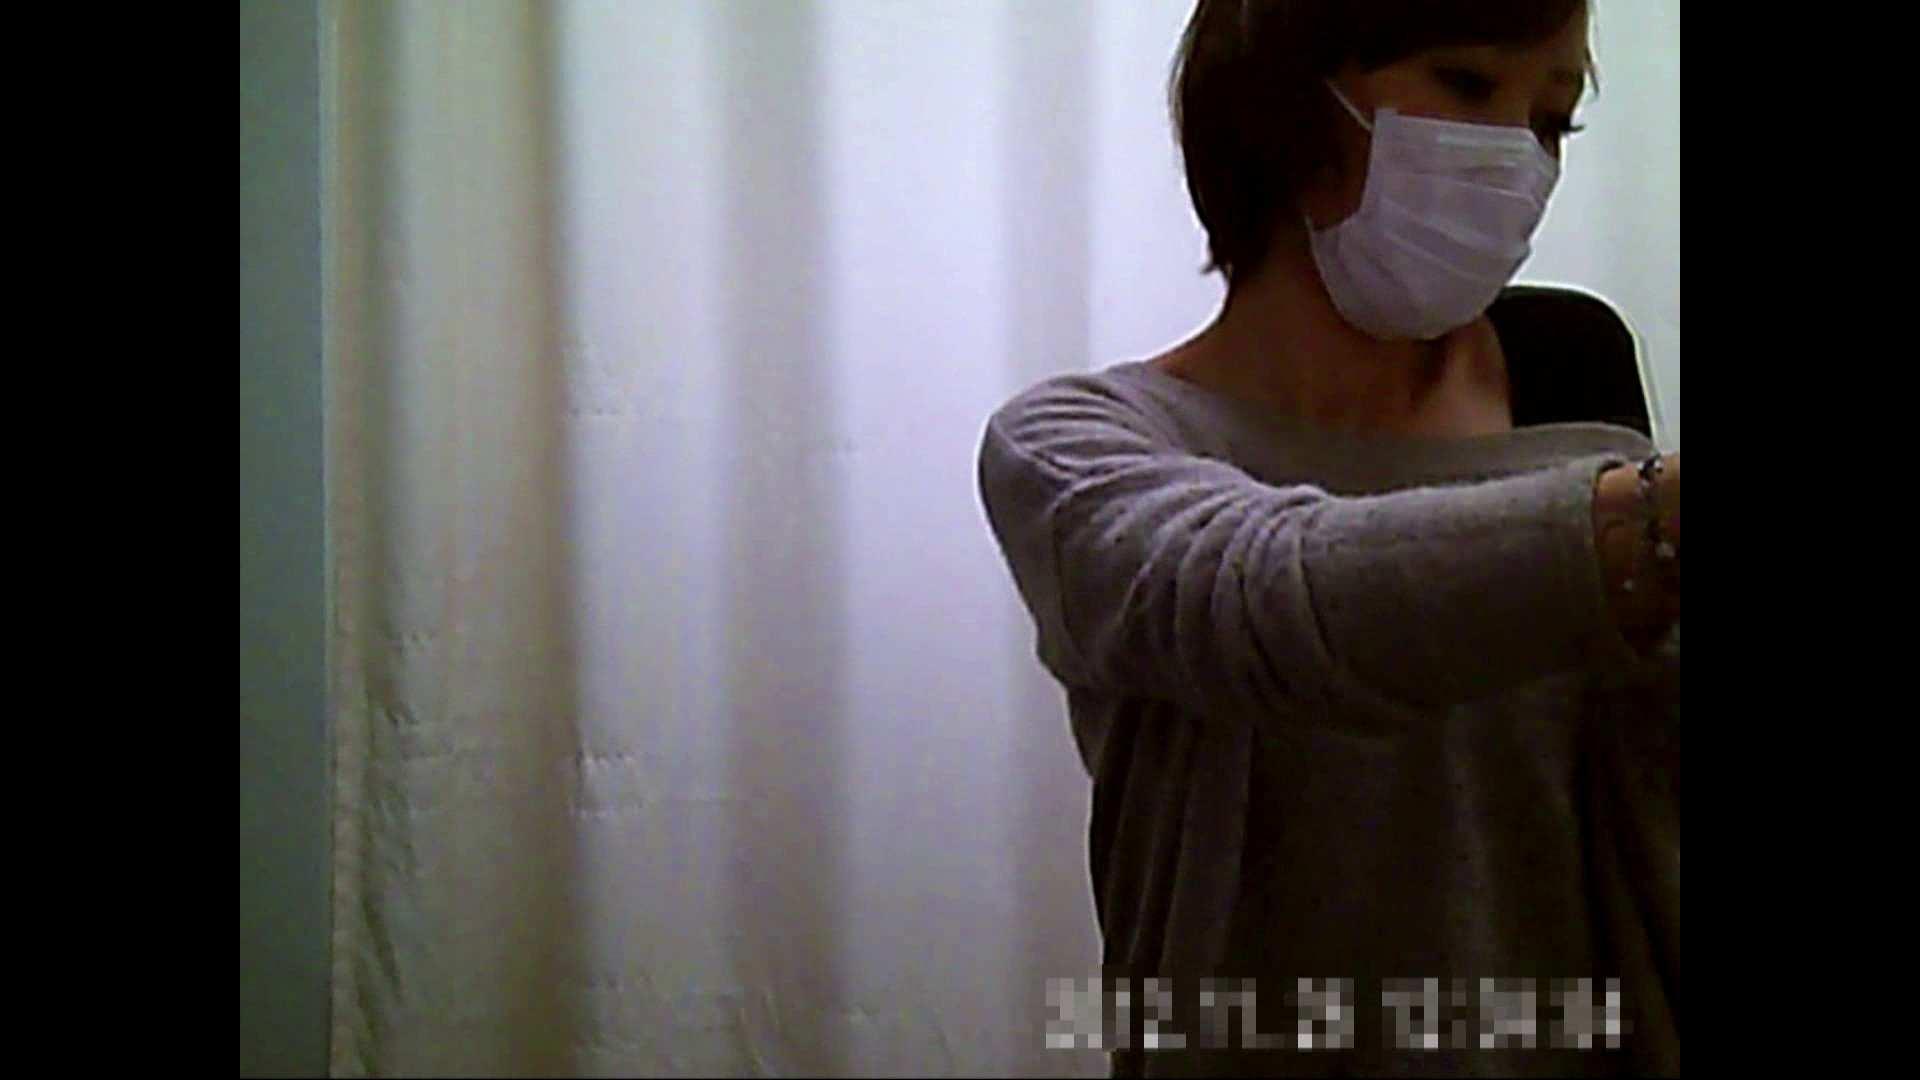 病院おもいっきり着替え! vol.159 着替え 隠し撮りオマンコ動画紹介 49PICs 25